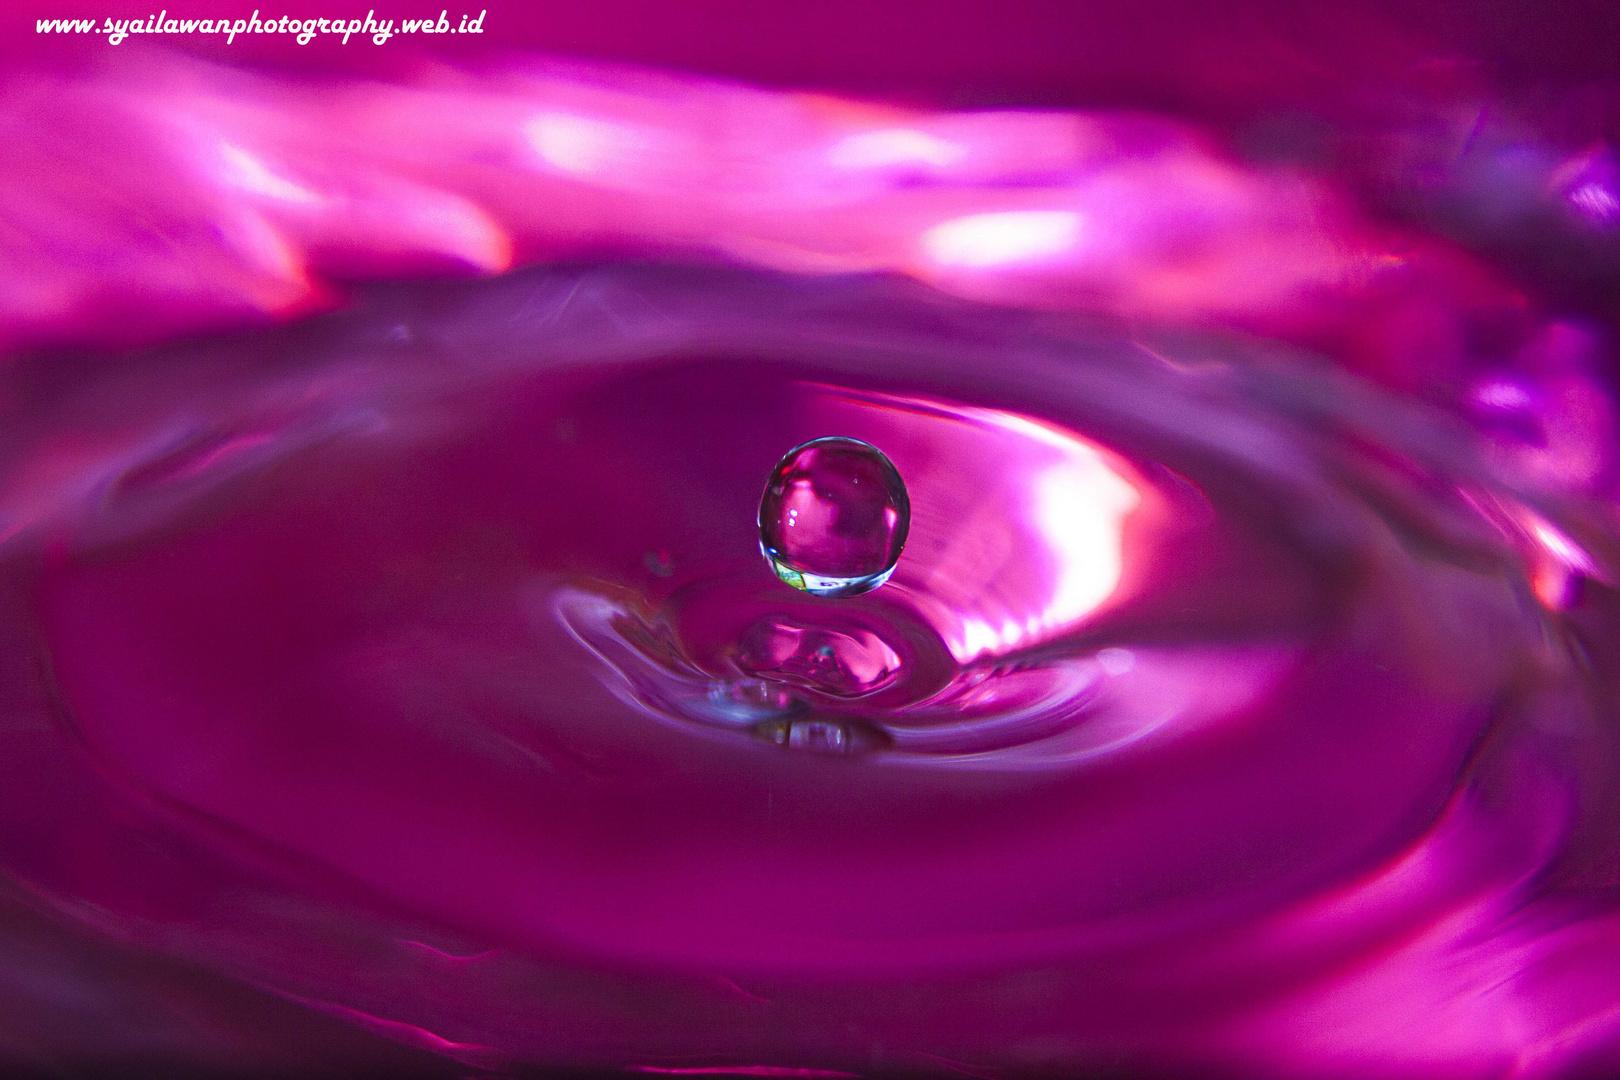 Reddish water drop